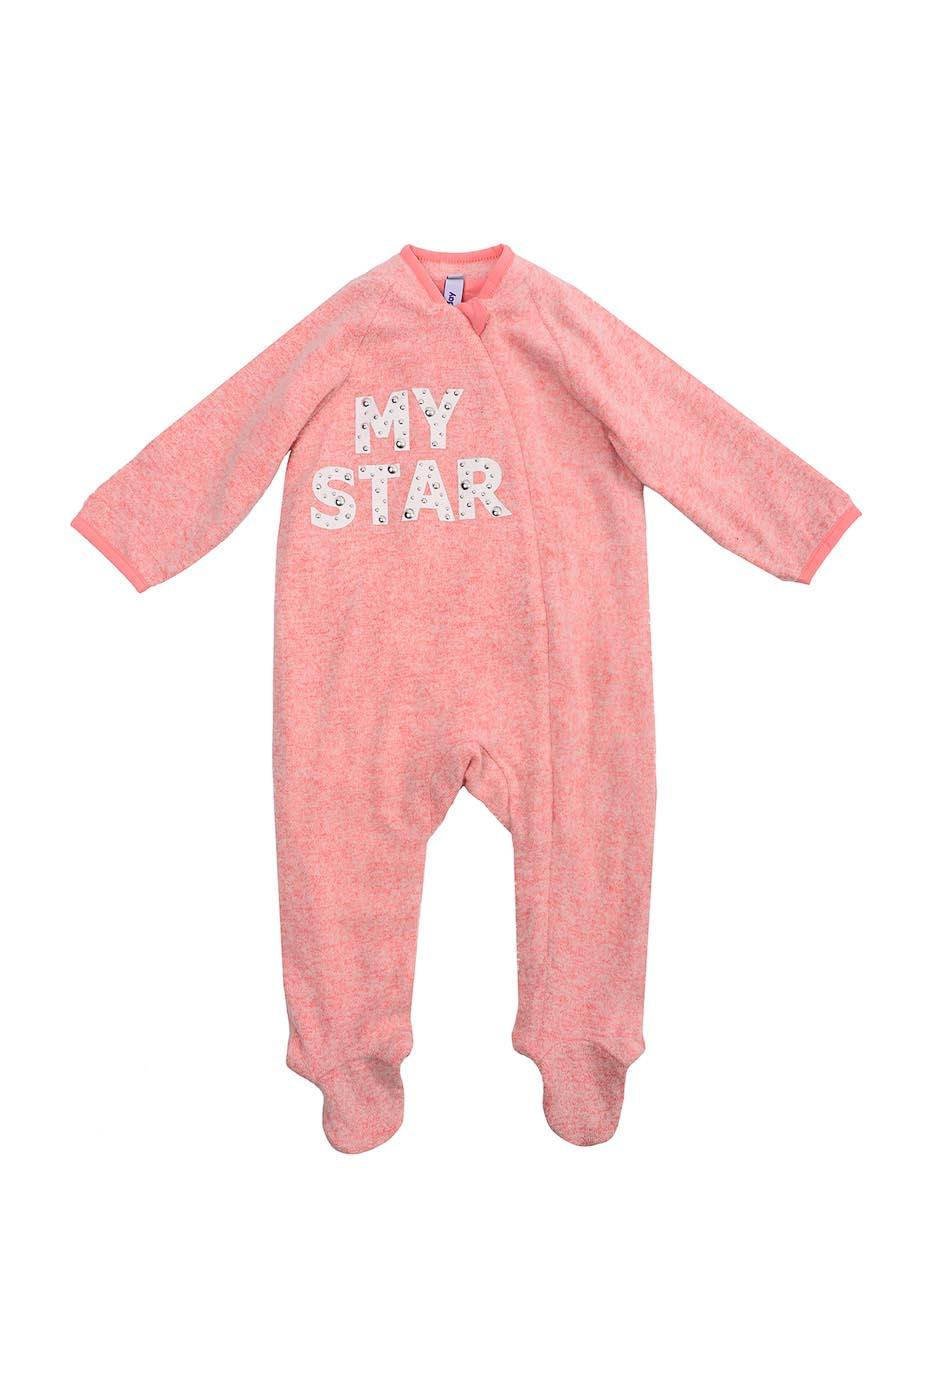 Купить 388802, Комбинезон детский PlayToday, цв. розовый, р-р 74, Play Today, Слипы для новорожденных